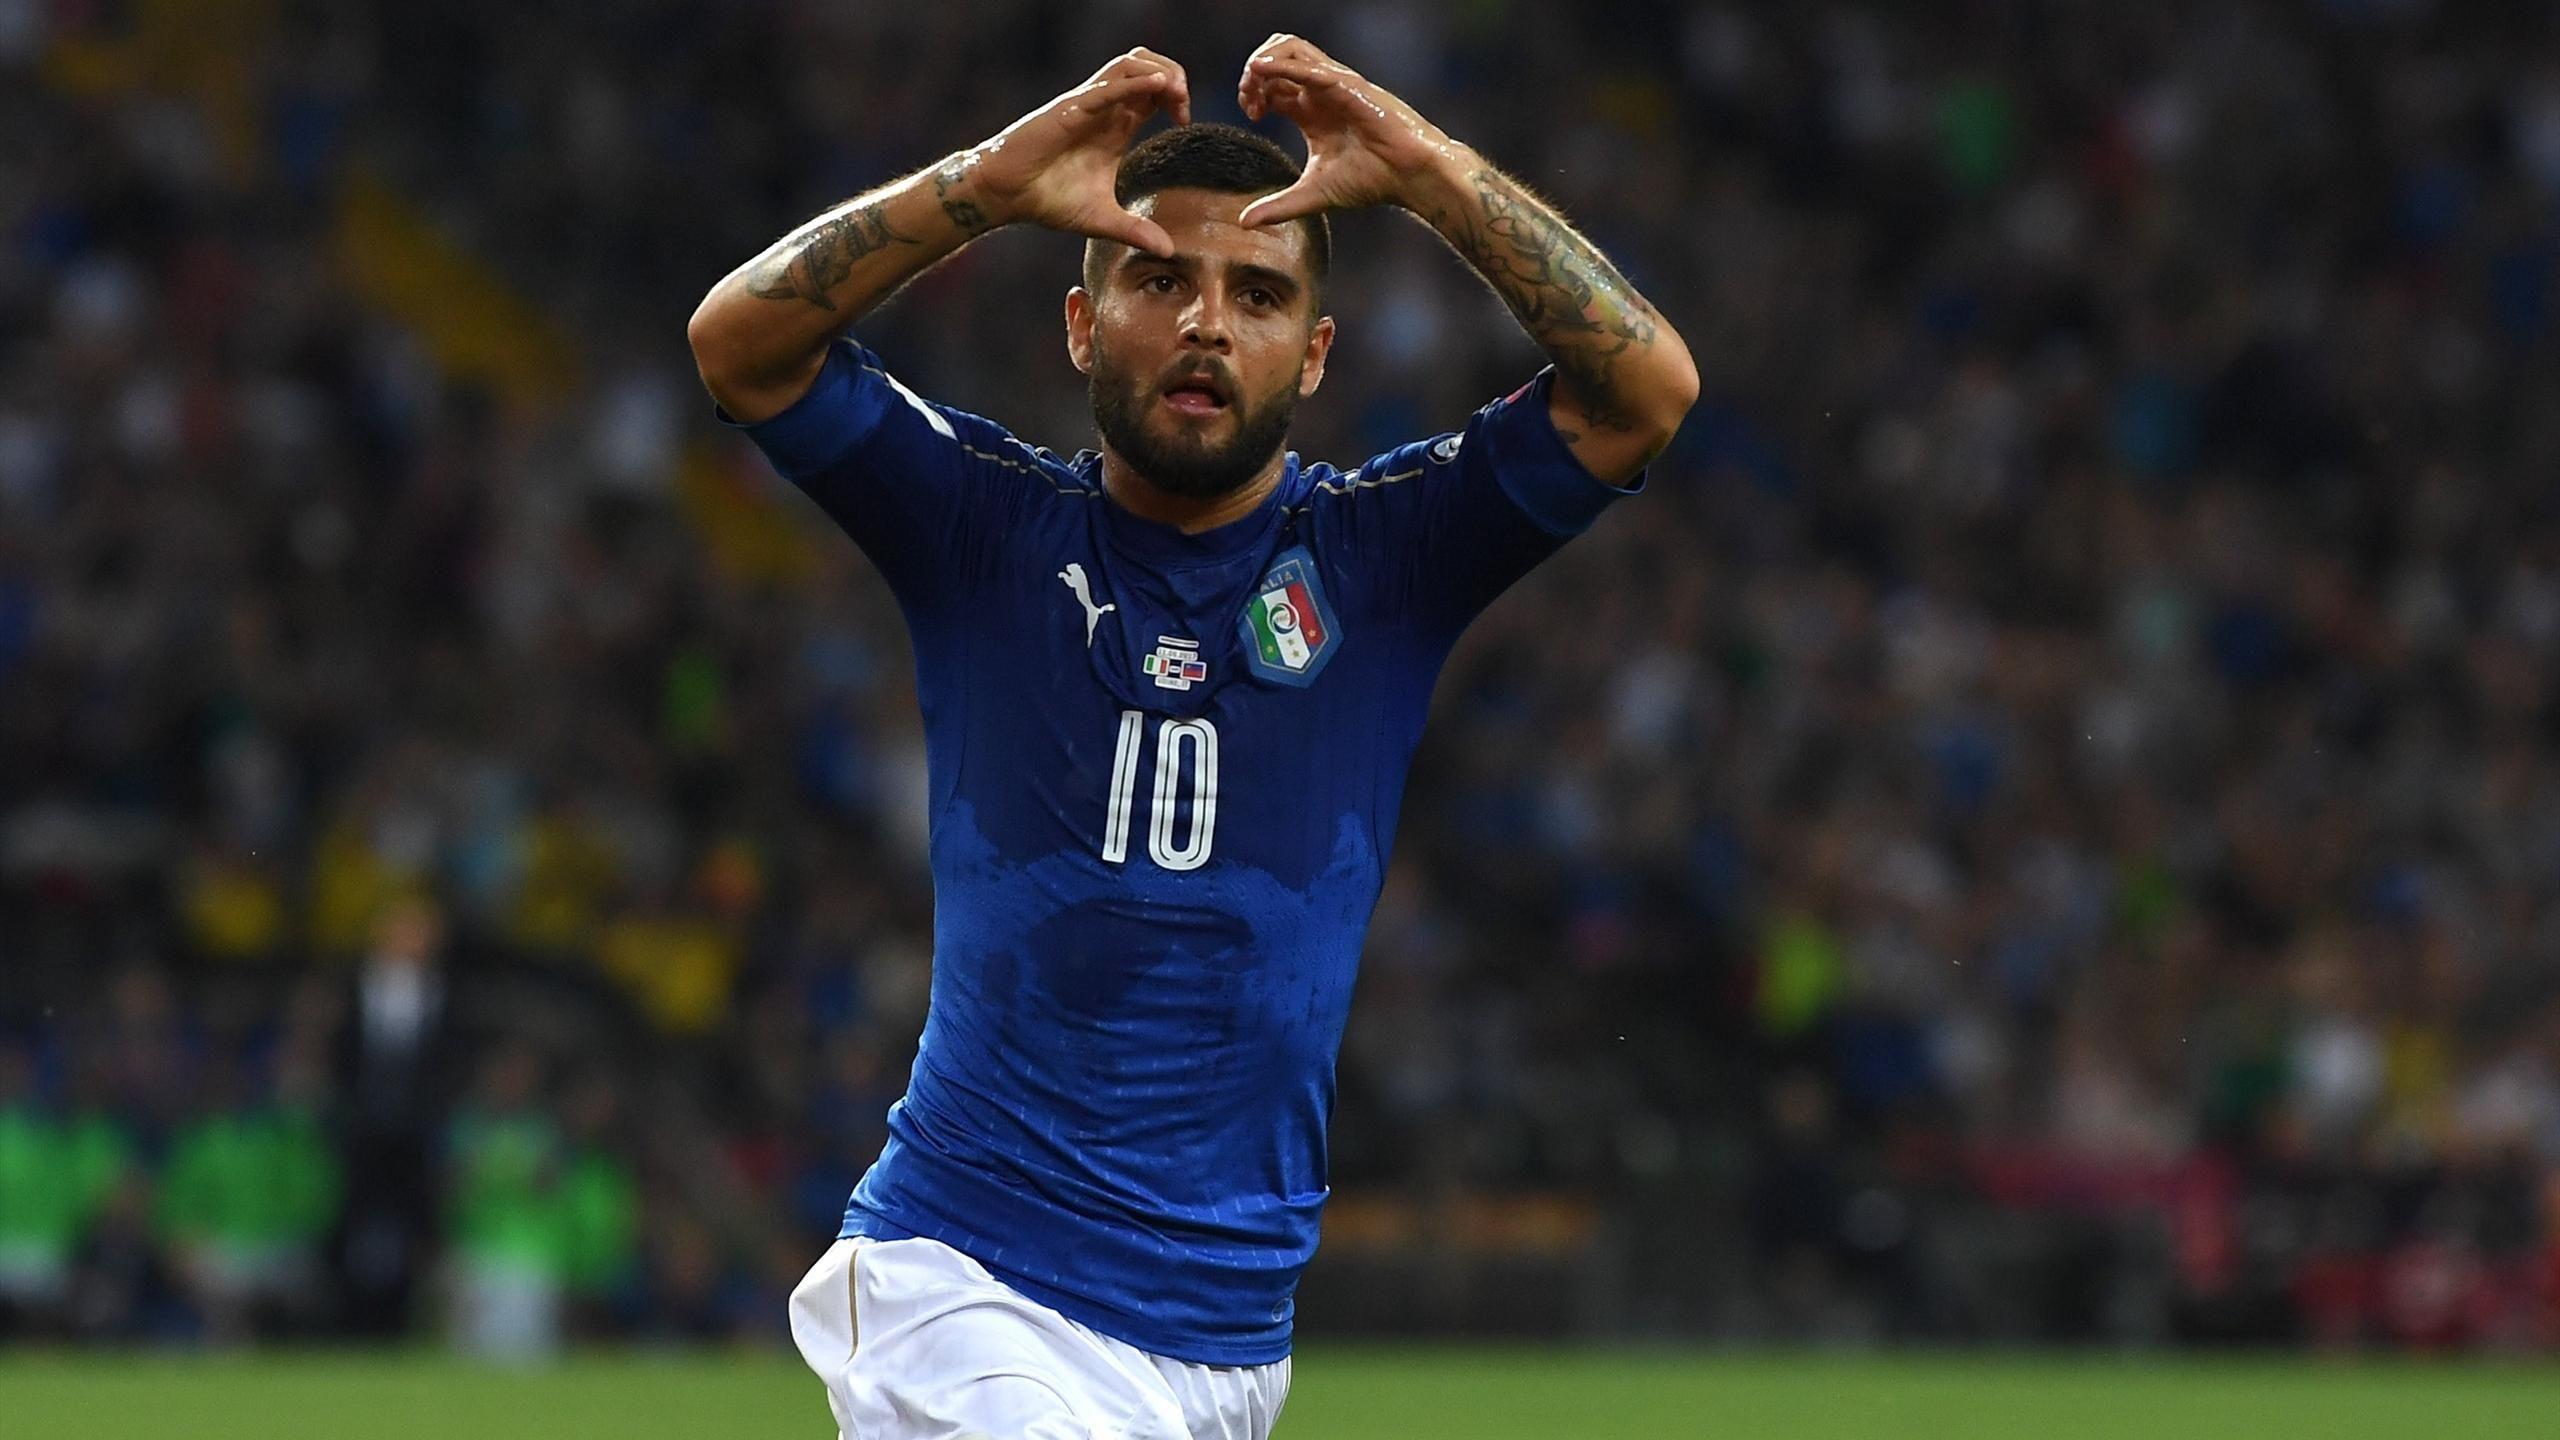 Insigne sẽ mặc áo số 10 mới của Italia - Bóng Đá